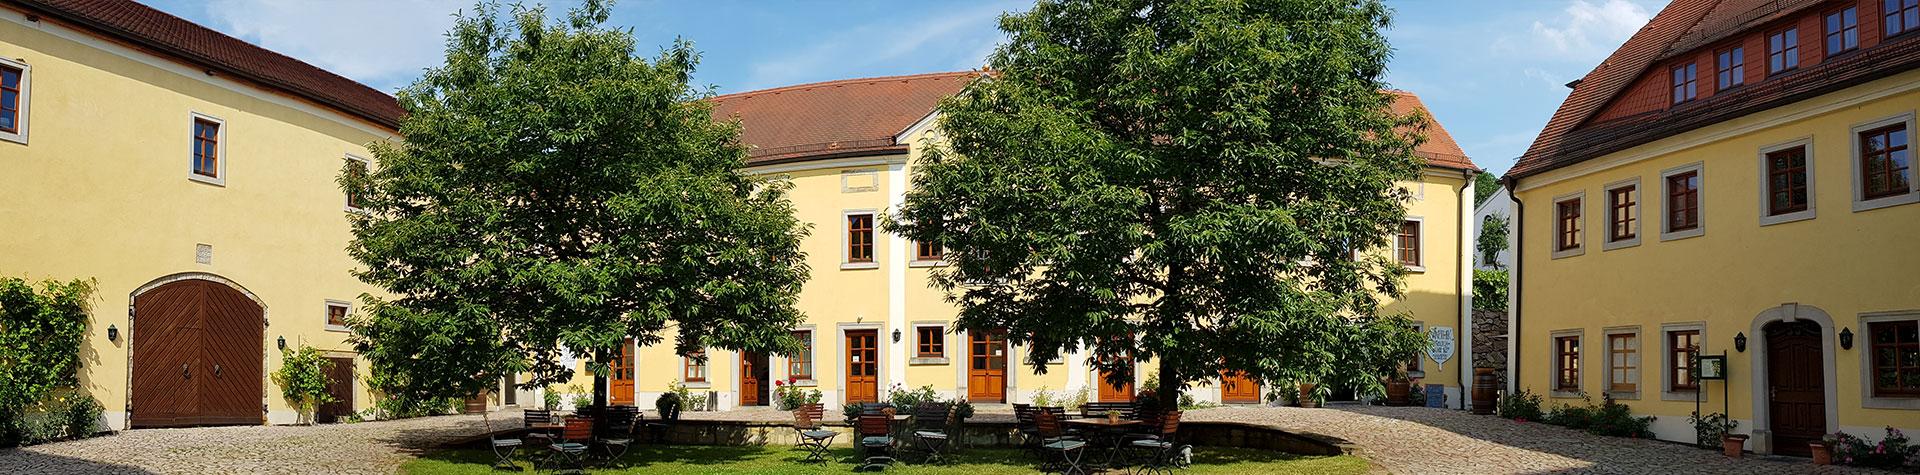 Schloss Proschwitz - Hochzeit auf dem Weingut